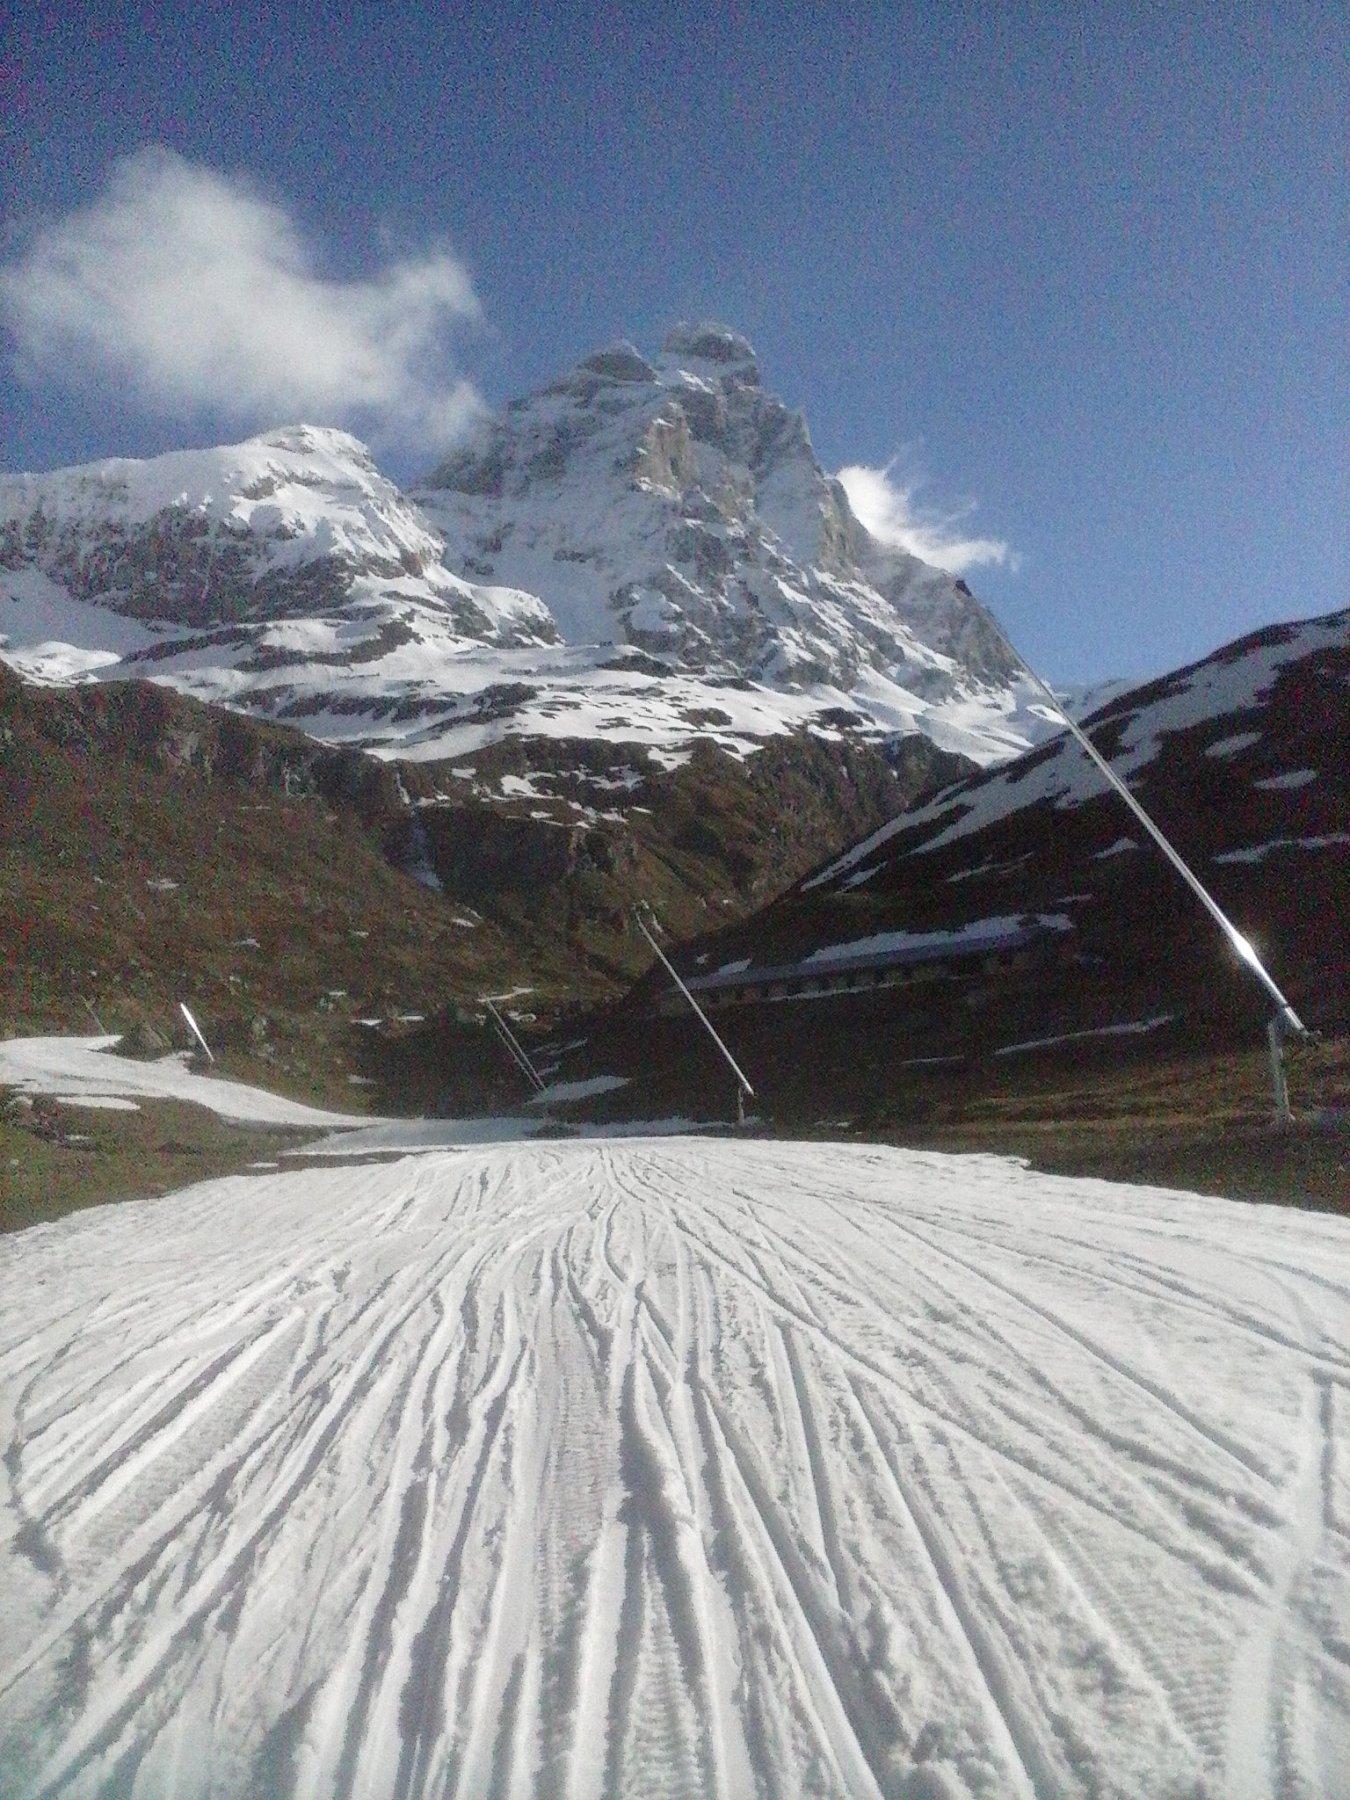 la pista alla partenza che permette di salire sci ai piedi...